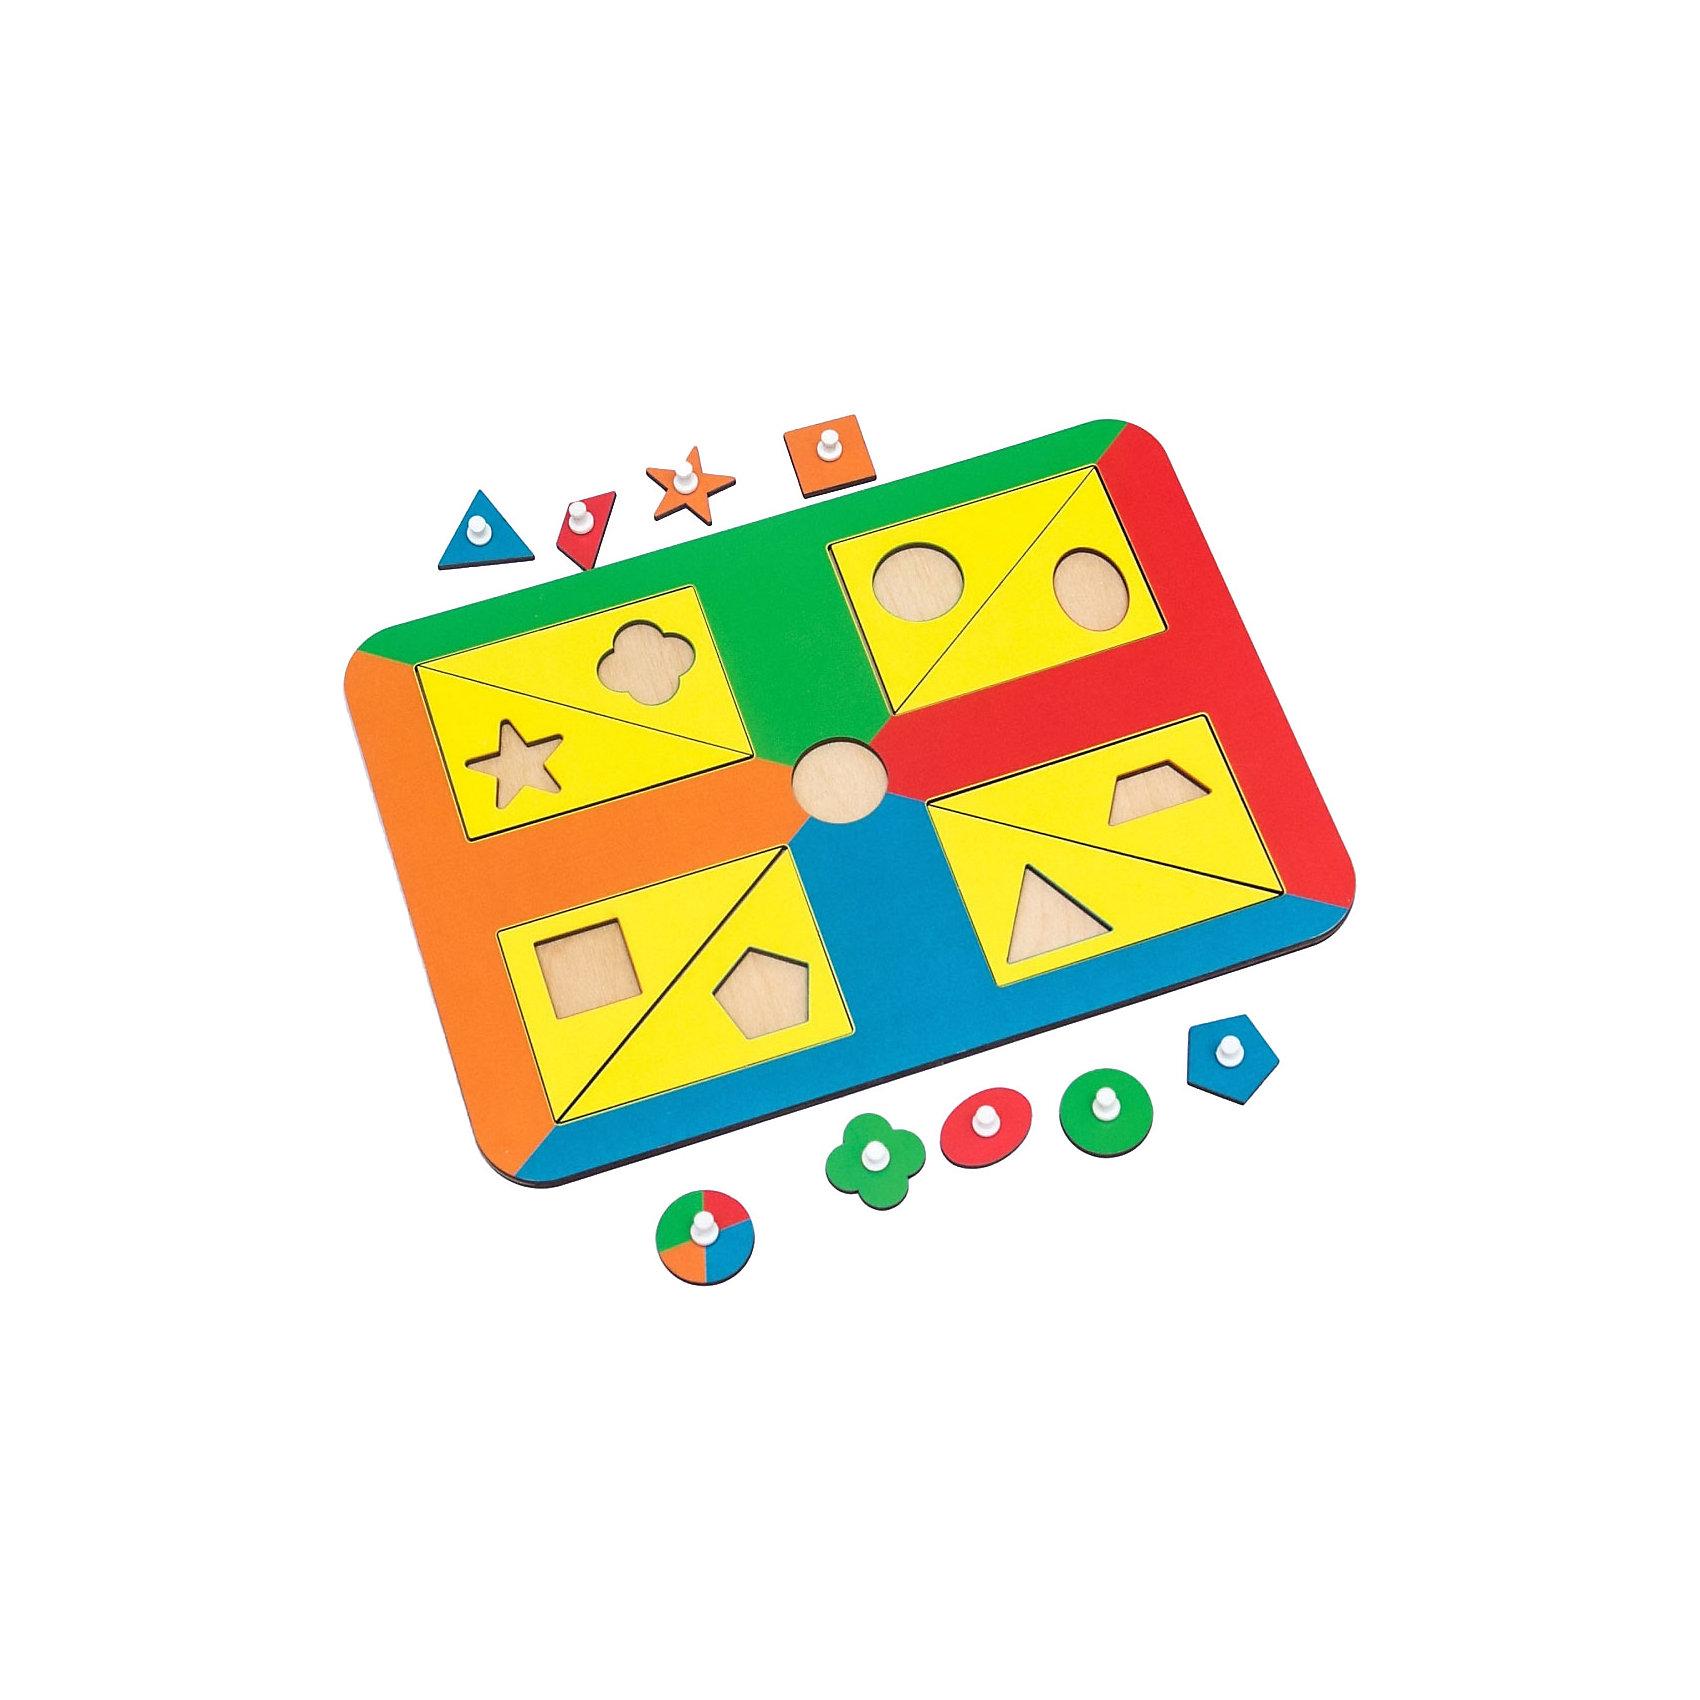 Светящаяся мозаика, 4M 00-04596Мозаика детская<br>Это многофункциональный набор для творчества, который поможет создать необычный светильник. Днем это эффектный витраж, который можно прикрепить с помощью присоски к окну. Ночью достаточно включить световой модуль, и витраж превратится в светильник! Установив мозаику на специальную подставку, вы получите дизайнерское украшение для комнаты. В комплект набора входят:<br>- 1 абажур,<br>- 1 световой модуль,<br>- 6 пакетиков цветных бусинок и кристаллов,<br>- 1 тюбик клея,<br>- 1 стенд,<br>- 1 подставка,<br>- 1 присоска,<br>- подробная инструкция на русском языке.<br><br>Ширина мм: 220<br>Глубина мм: 180<br>Высота мм: 50<br>Вес г: 200<br>Возраст от месяцев: 60<br>Возраст до месяцев: 96<br>Пол: Унисекс<br>Возраст: Детский<br>SKU: 3790339